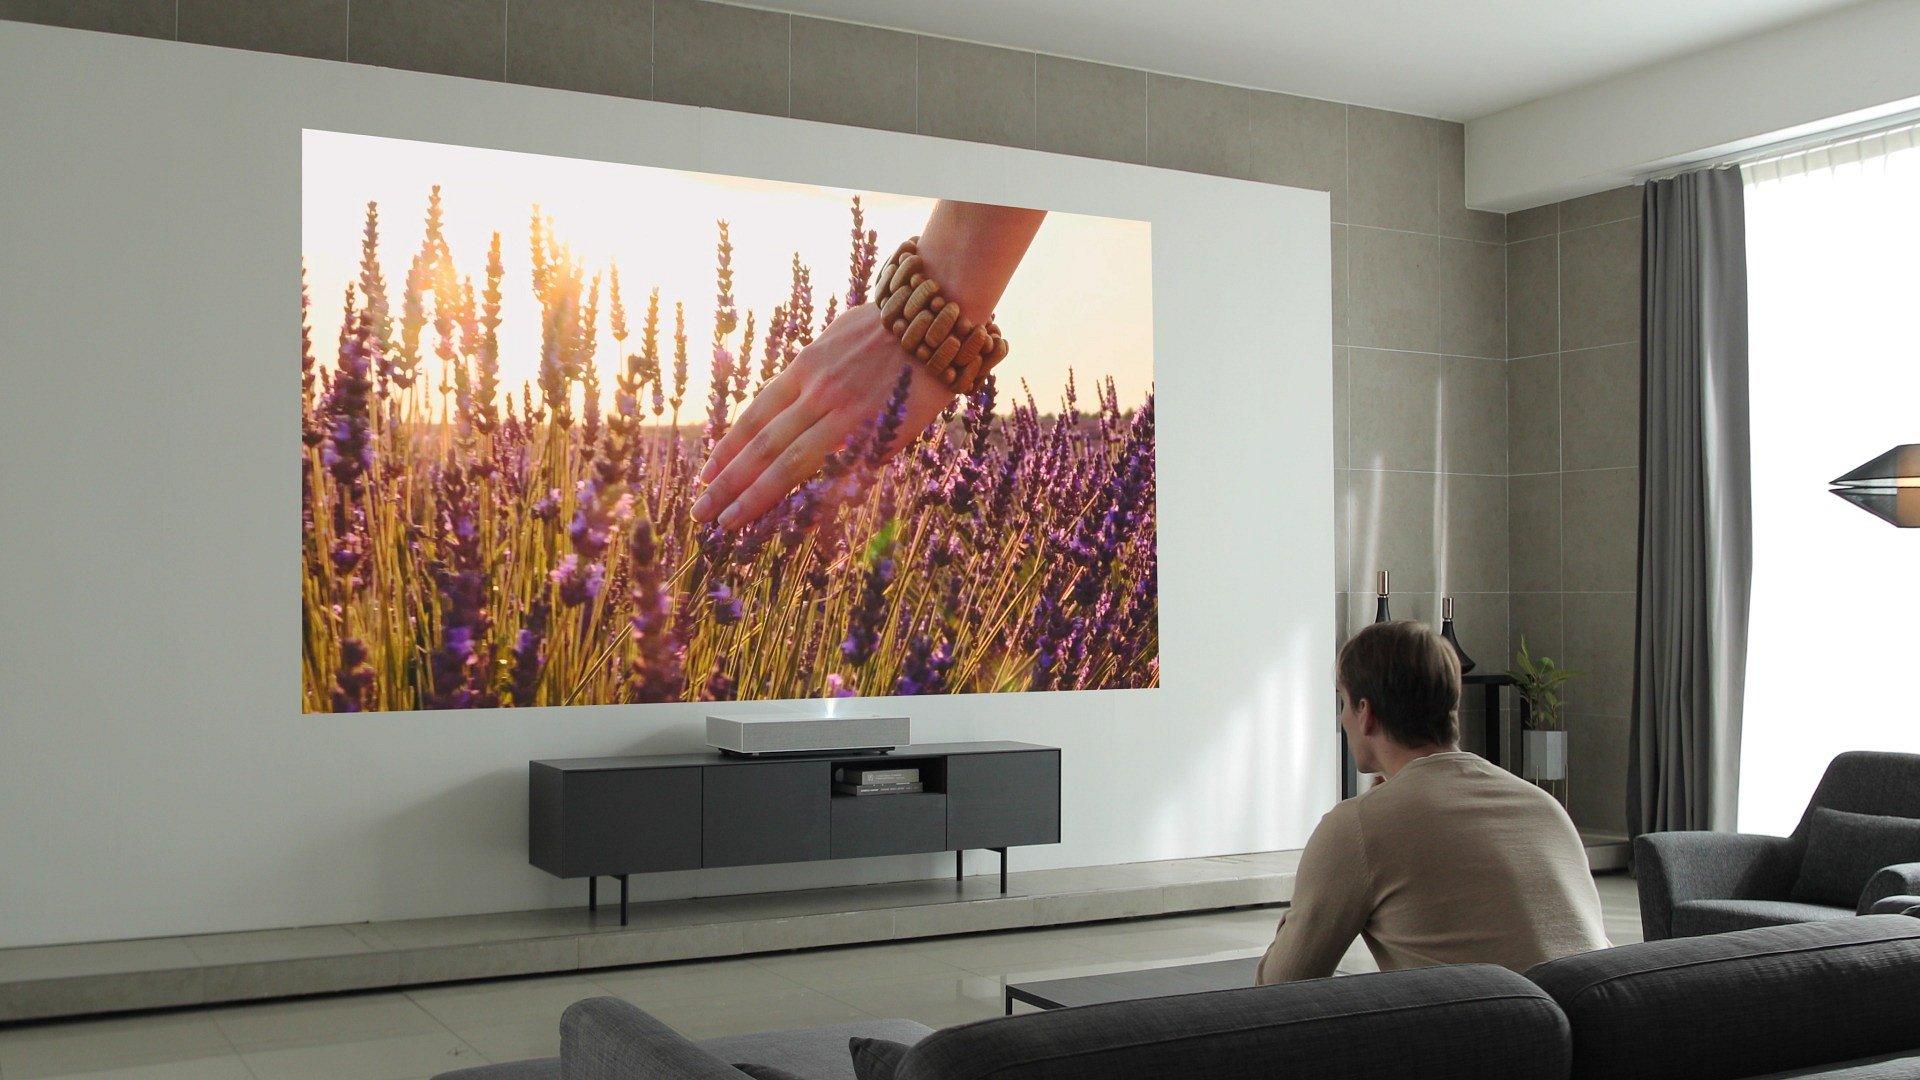 CES 2019: Niesamowity projektor CineBeam Laser 4K. Tylko 5 centymetrów od ściany i aż 90 cali obrazu